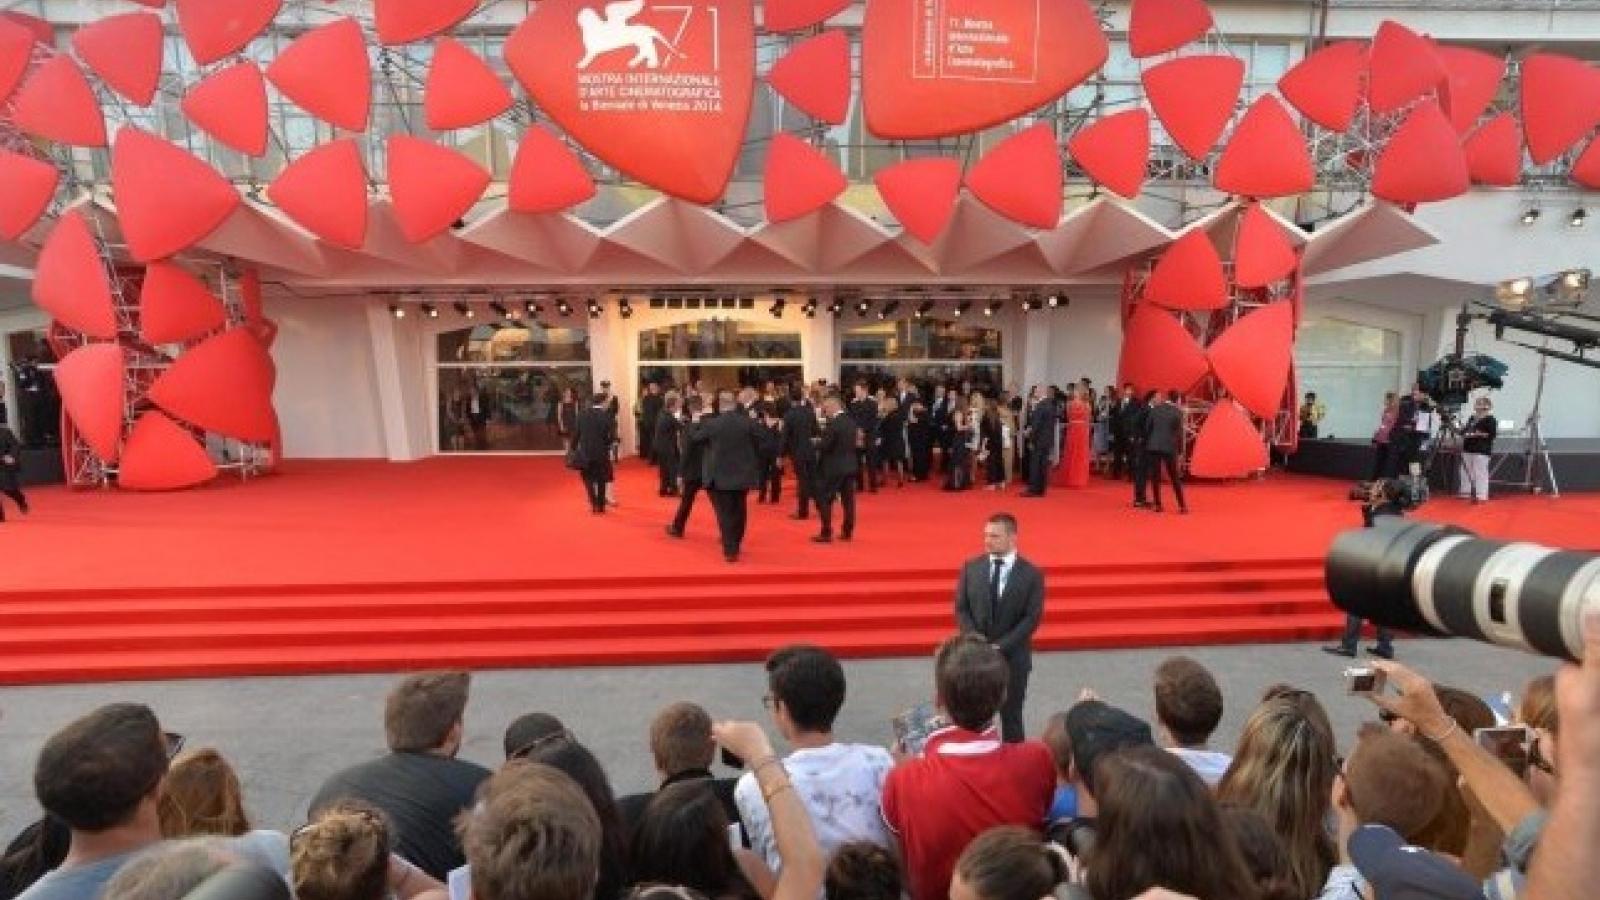 Liên hoan phim Venice khai mạc: Các ngôi sao hàng đầu thế giới trở lại trên thảm đỏ